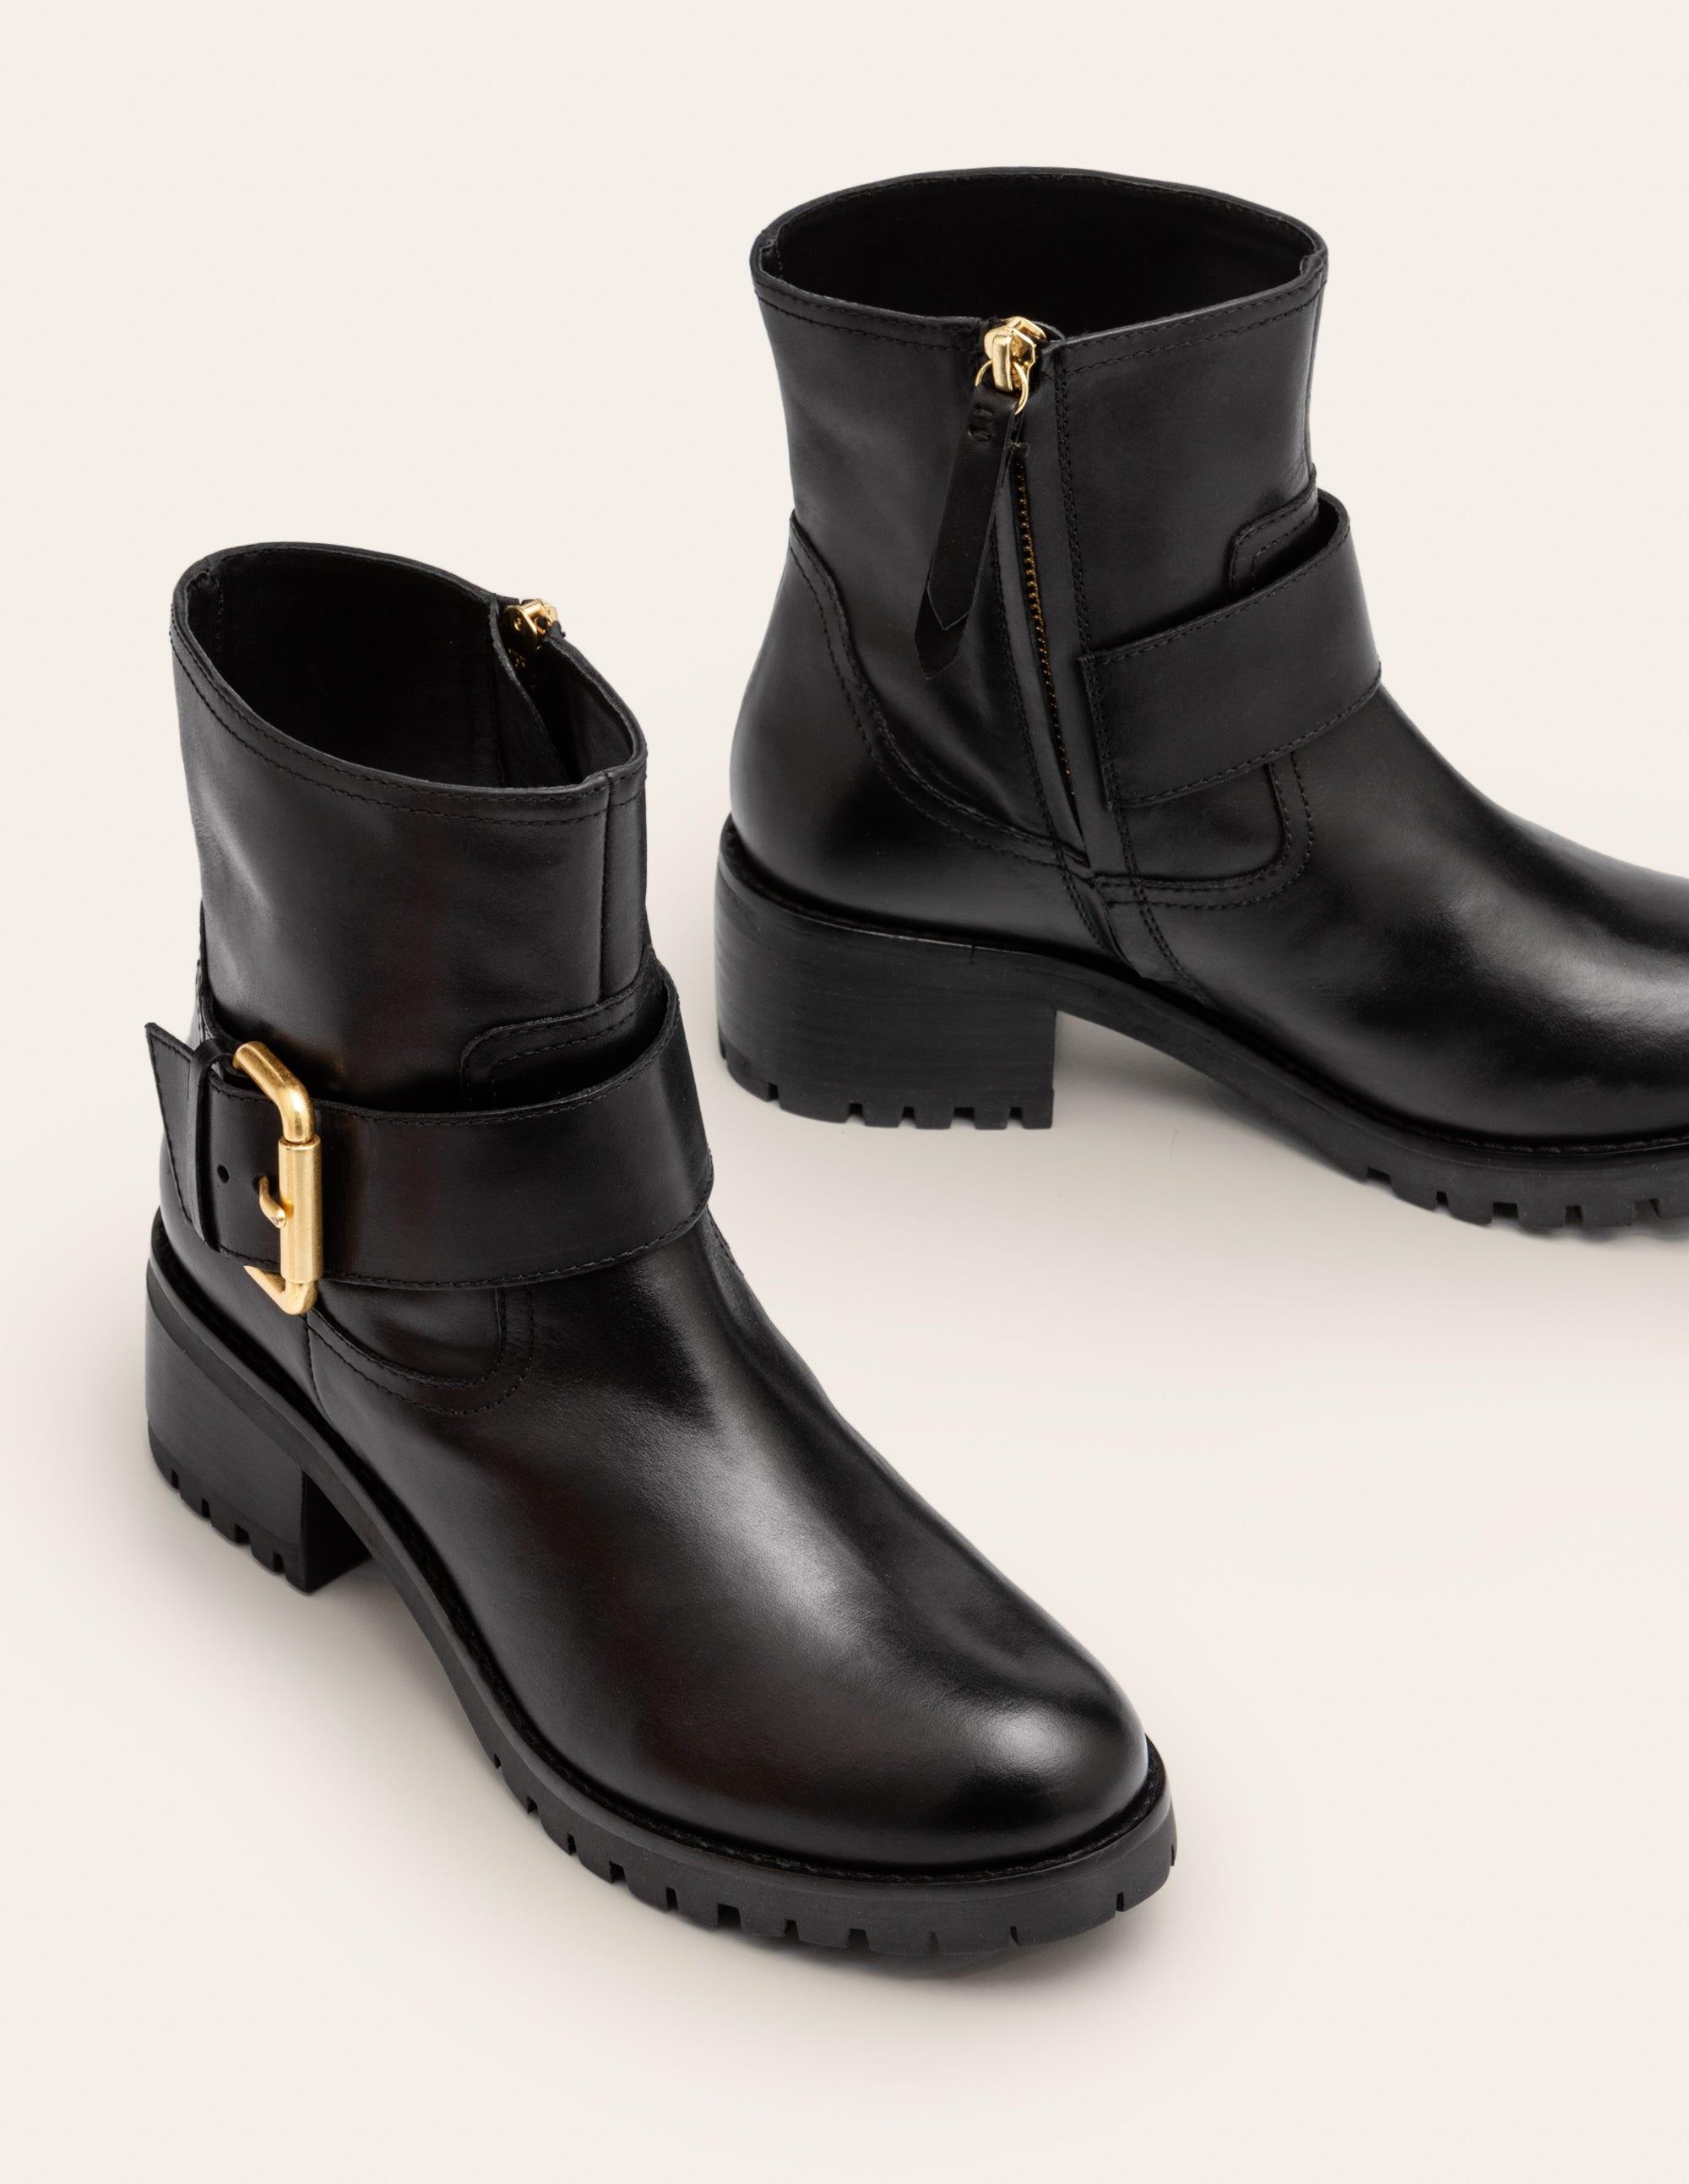 Bristol Biker Boots - Black | Boden US